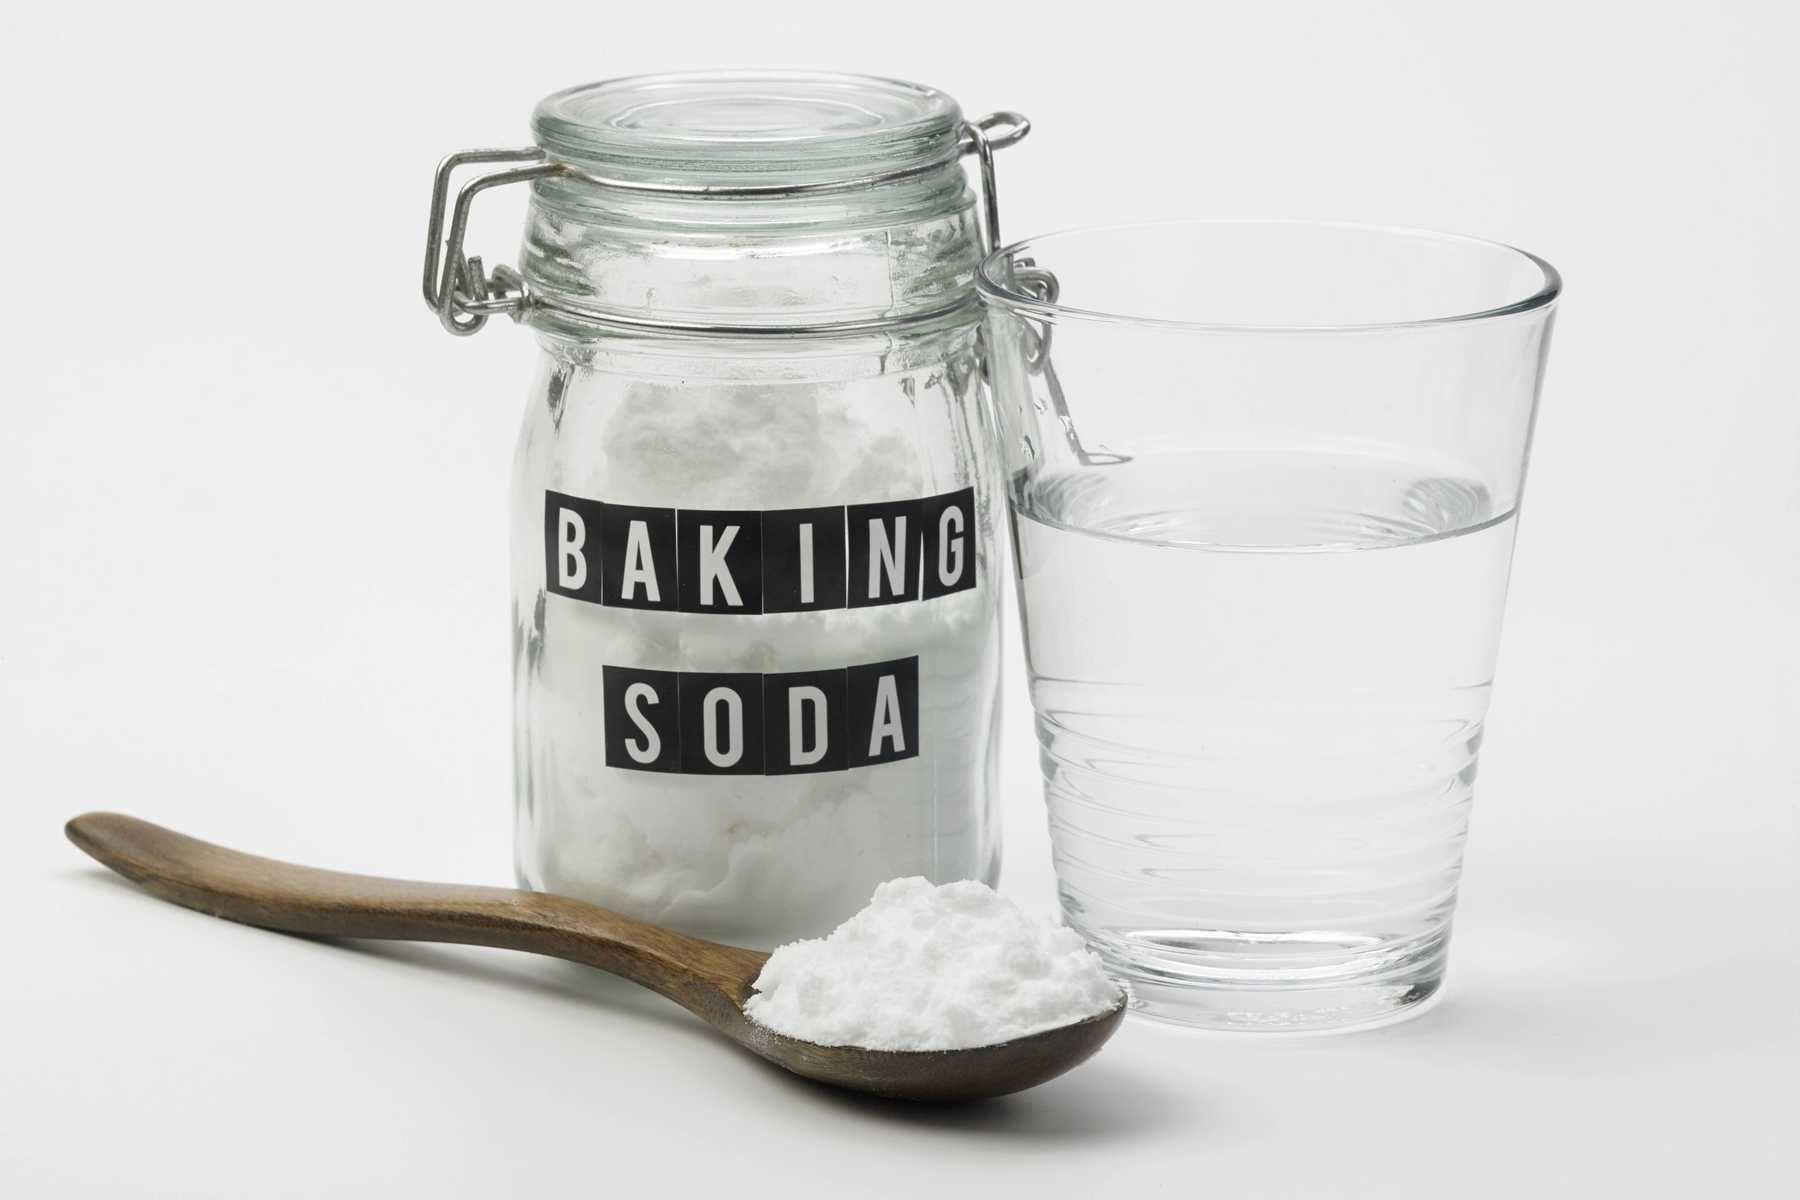 Làm nước súc miệng với baking soda